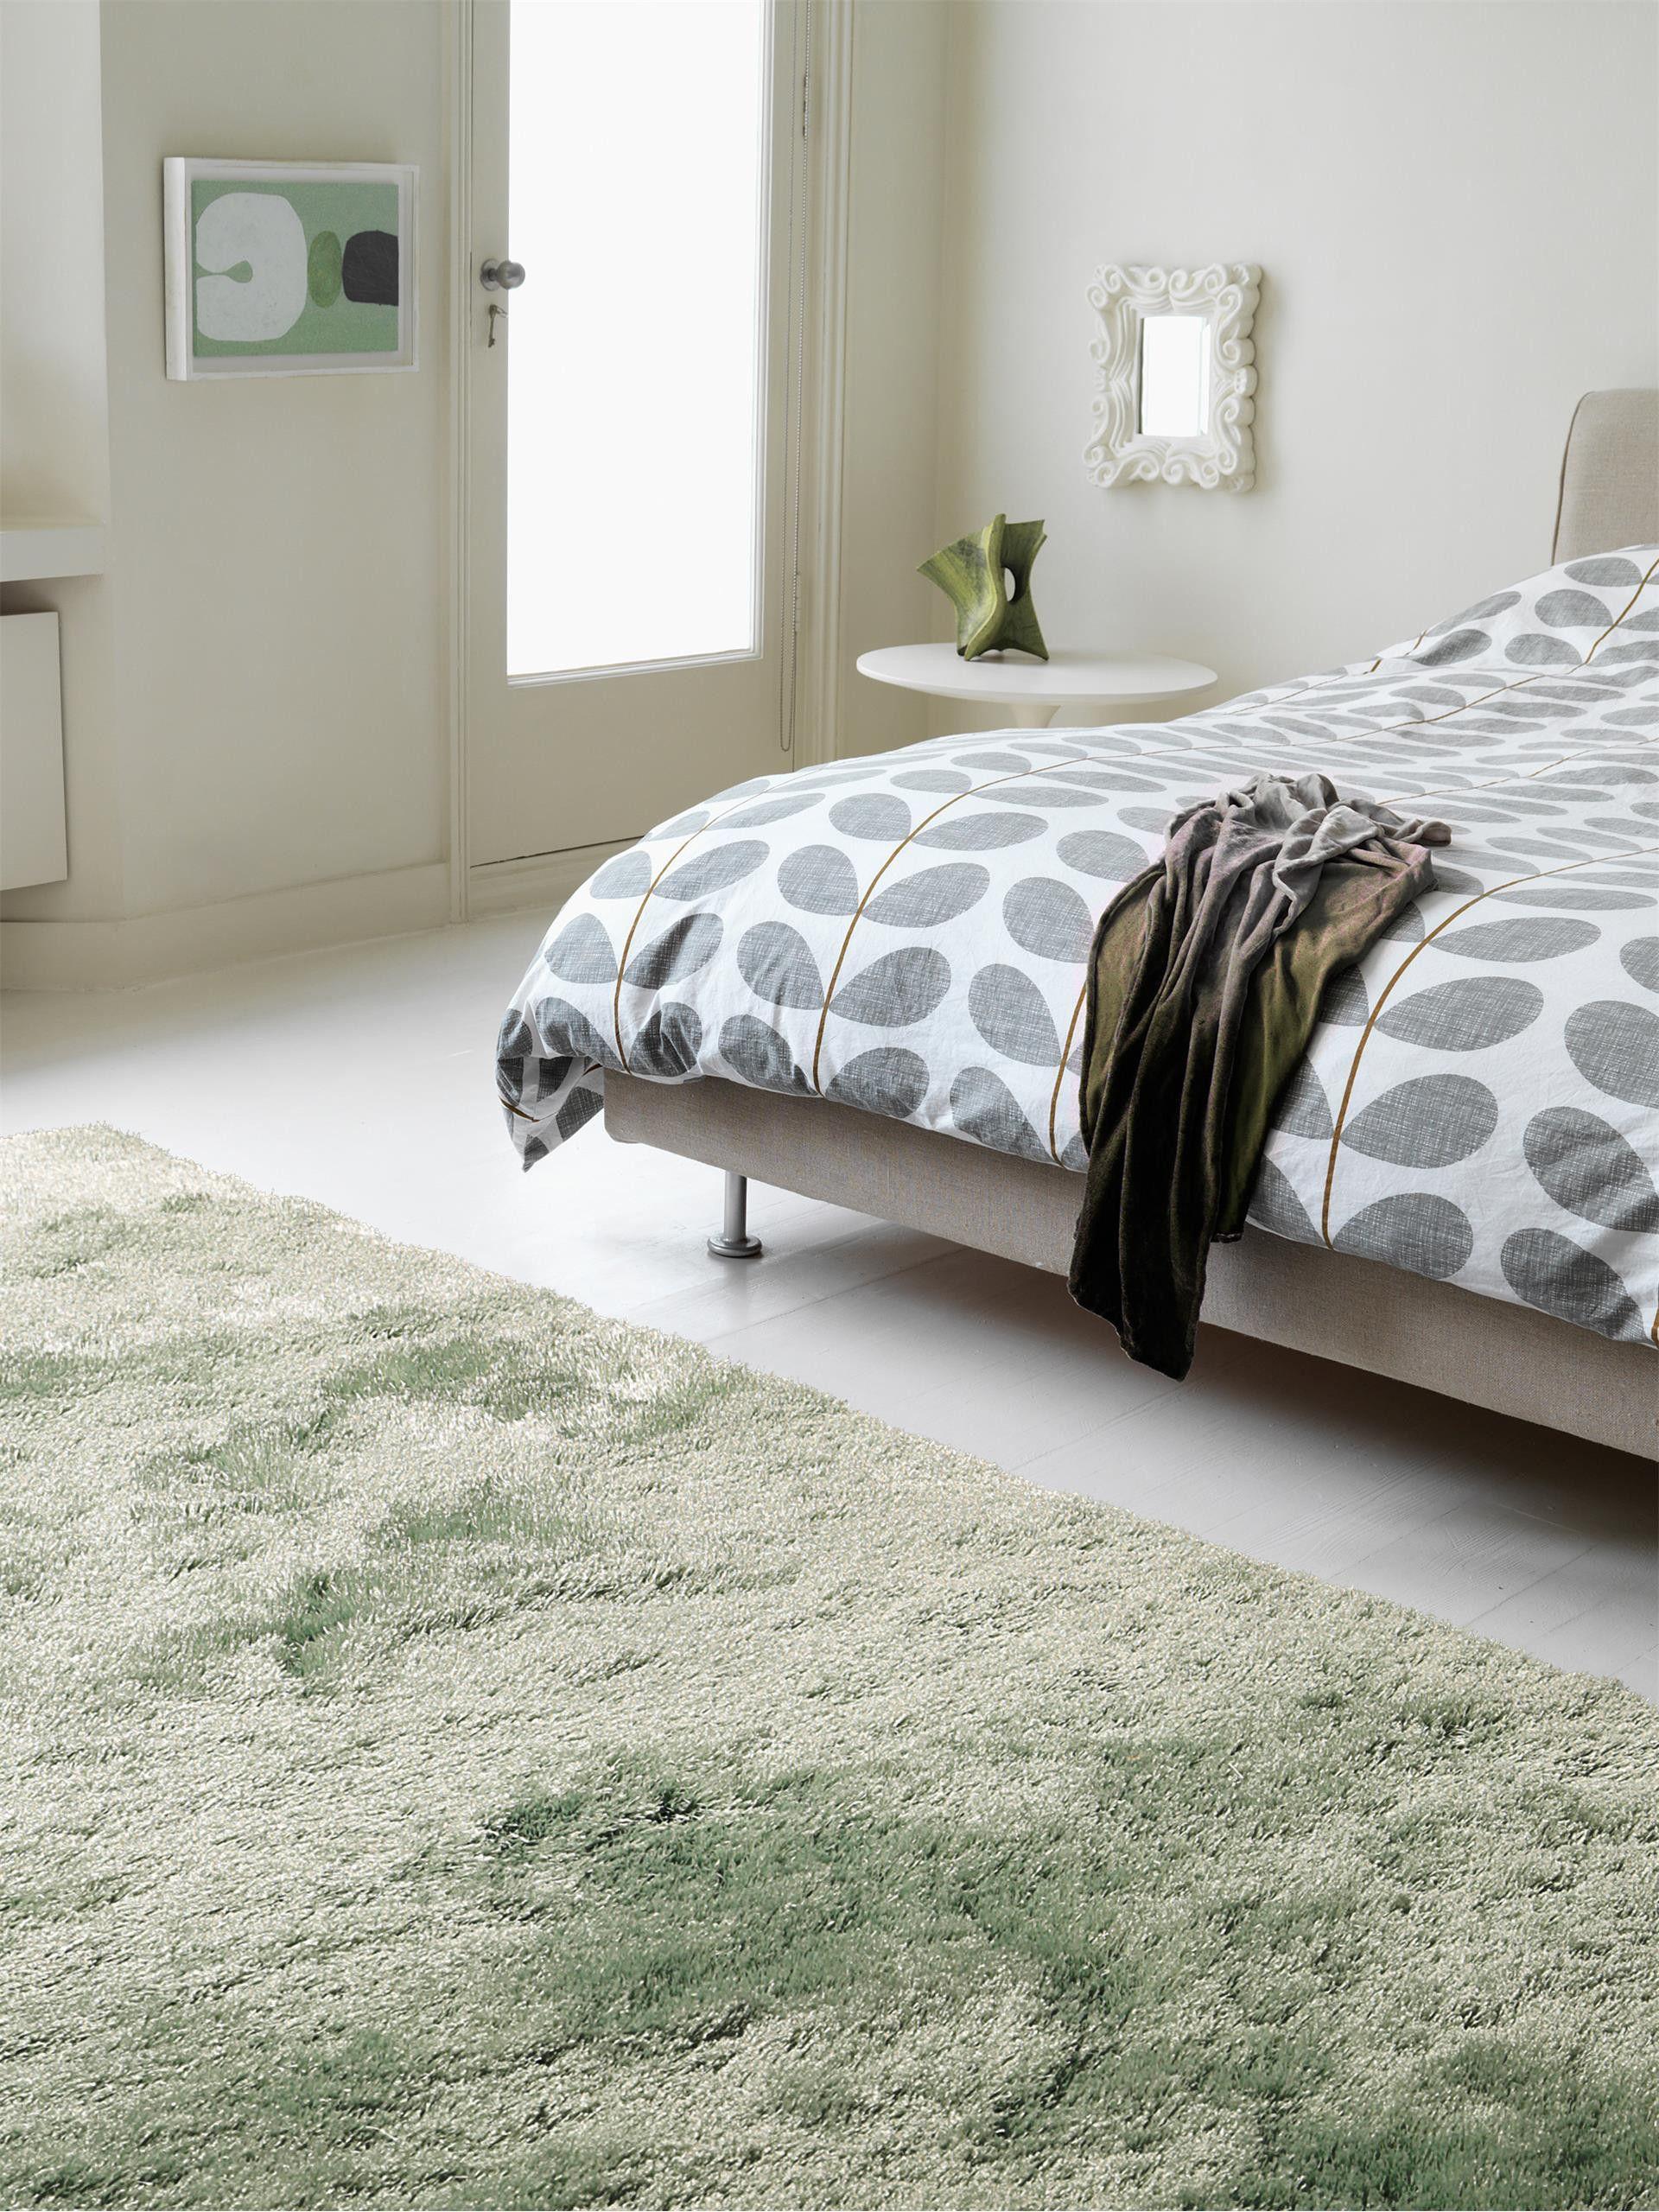 Delightful Schlafzimmer Teppich Gunstig #8: Benuta Hochflor Teppich Whisper Günstig Online Bestellen